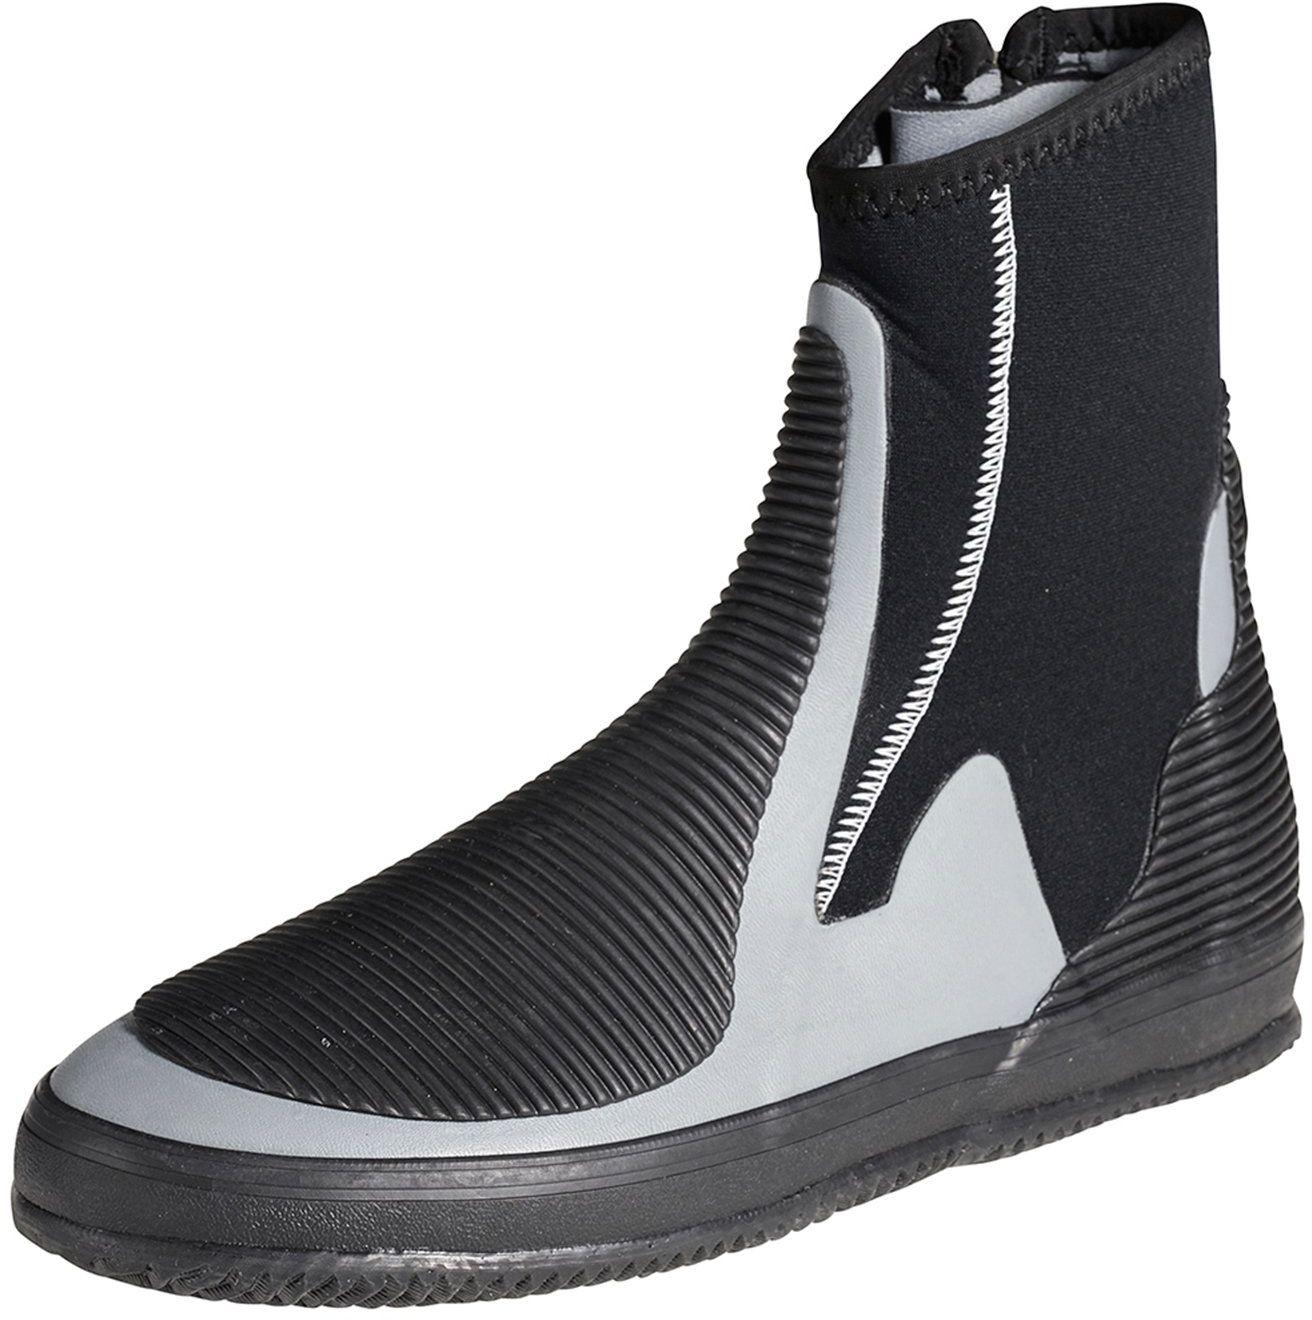 Crewsaver Kombinezon neoprenowy z boku buta z zamkiem błyskawicznym o grubości 5 mm. Buty unisex  zaprojektowane z myślą o ciepło i wytrzymałości.  formowana podeszwa High Grip